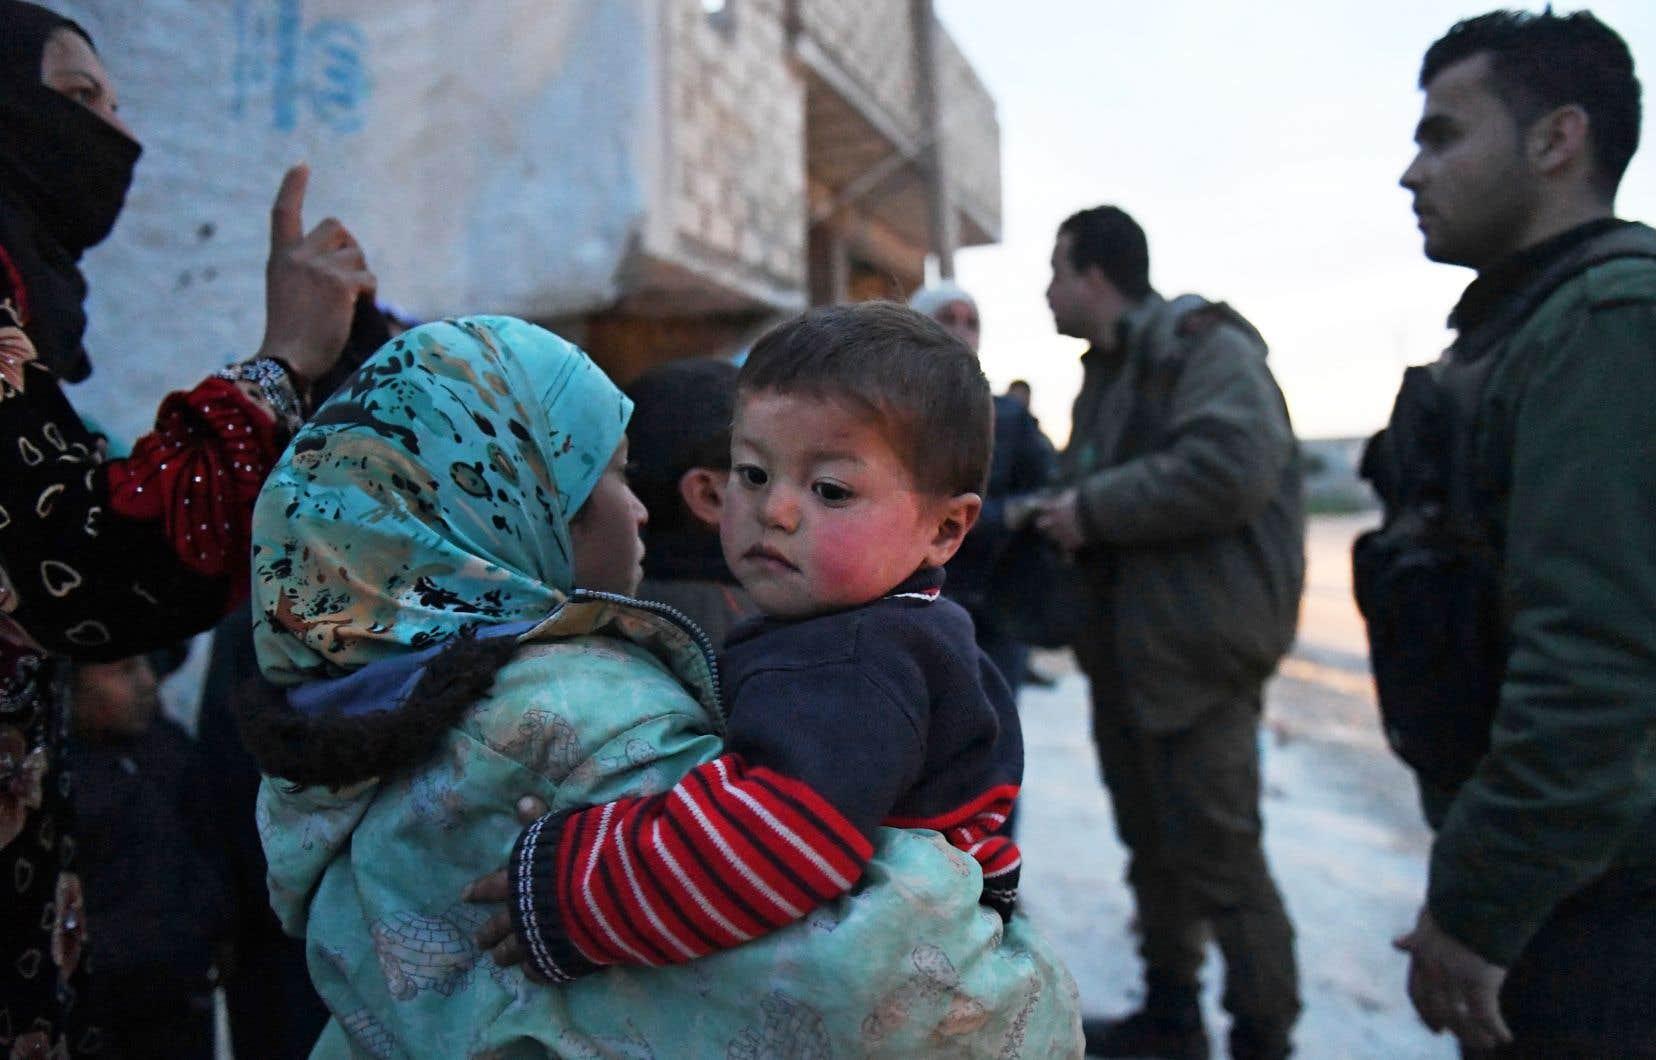 La Syrie est ravagée depuis 2011 par une guerre complexe, qui a fait plus de 340 000 morts.